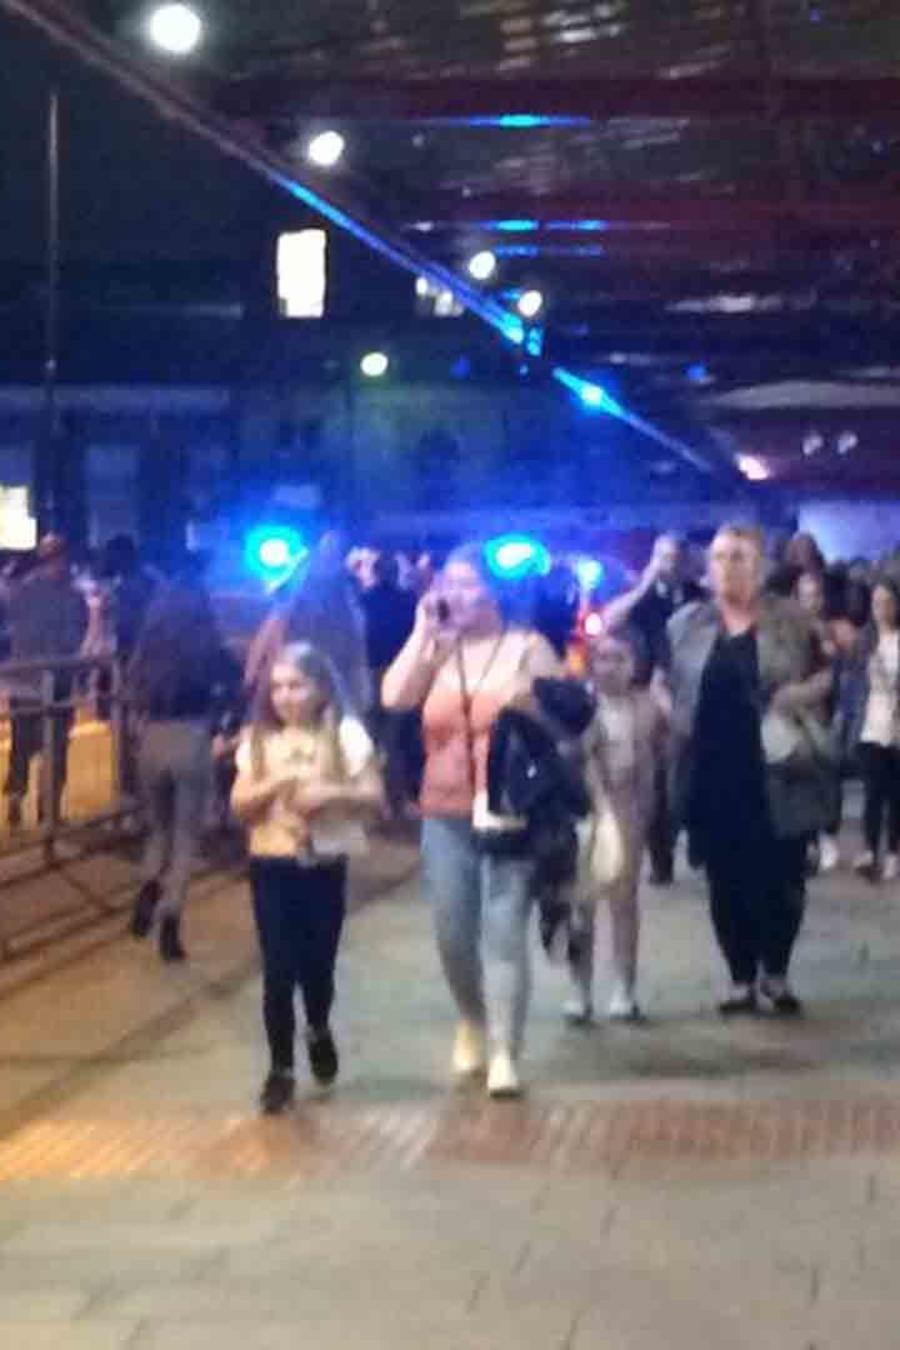 Evacuan concierto de Ariana Grande en Manchester